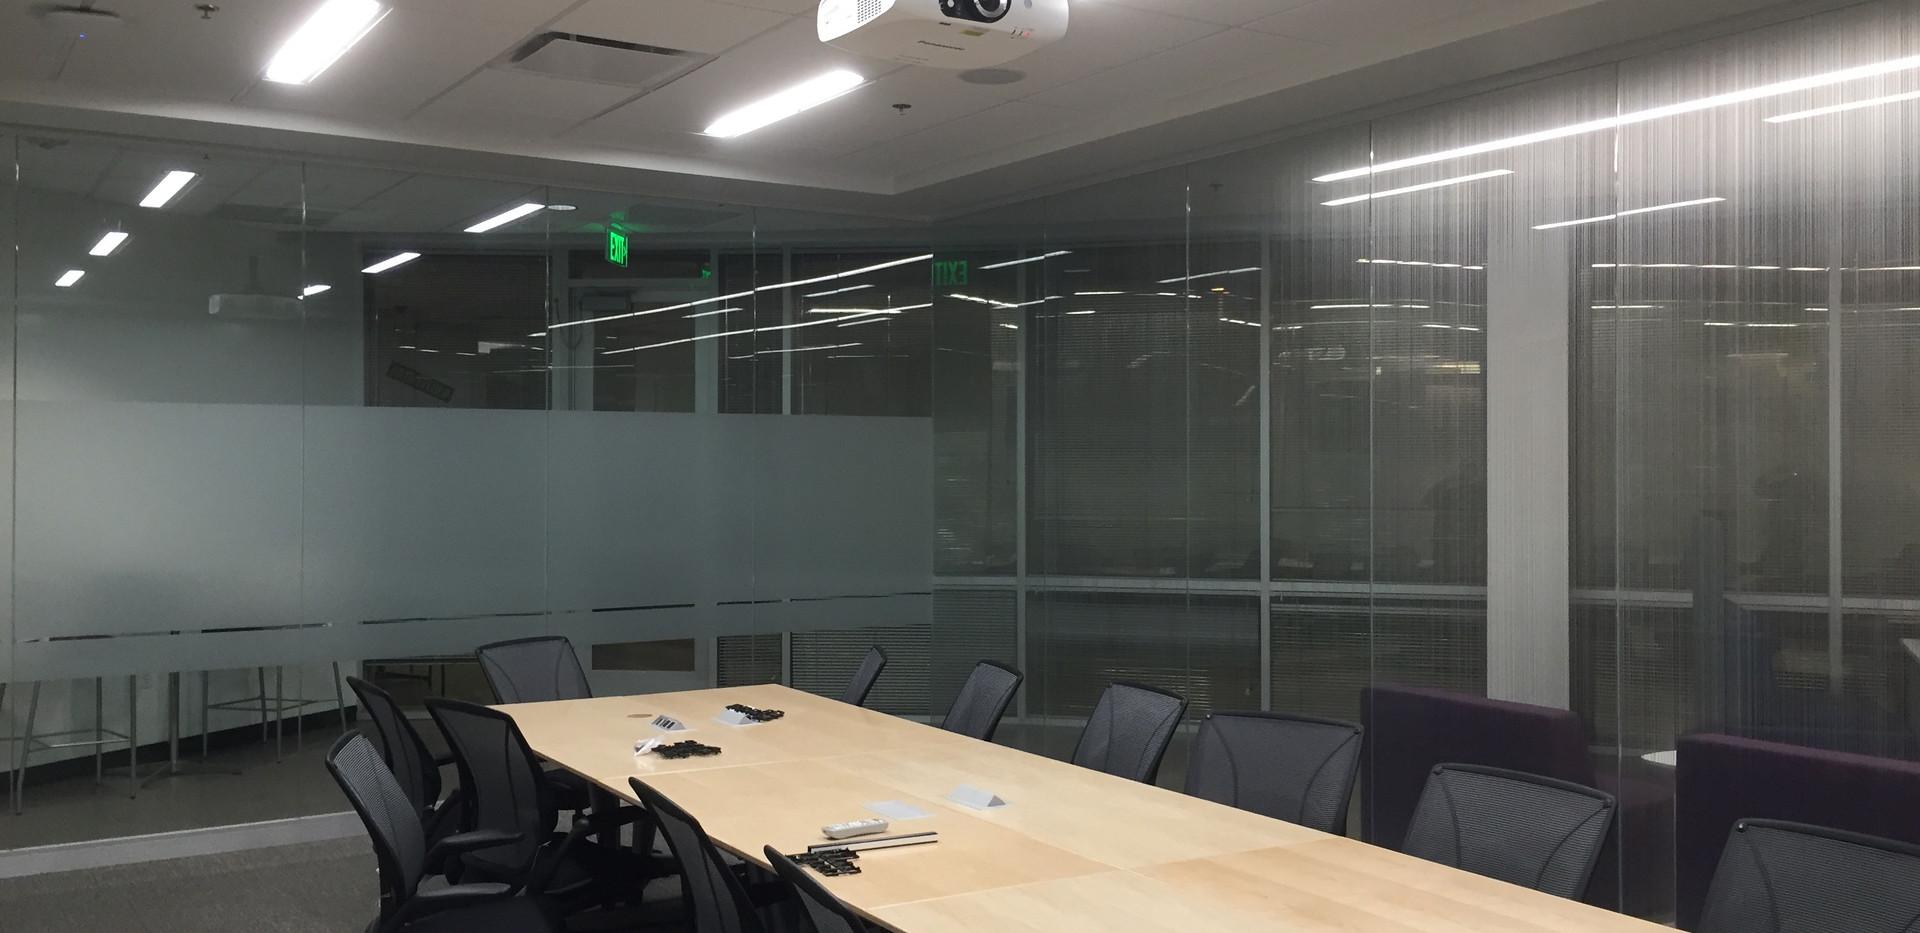 Siemens Cypress Branch by DMC Technology